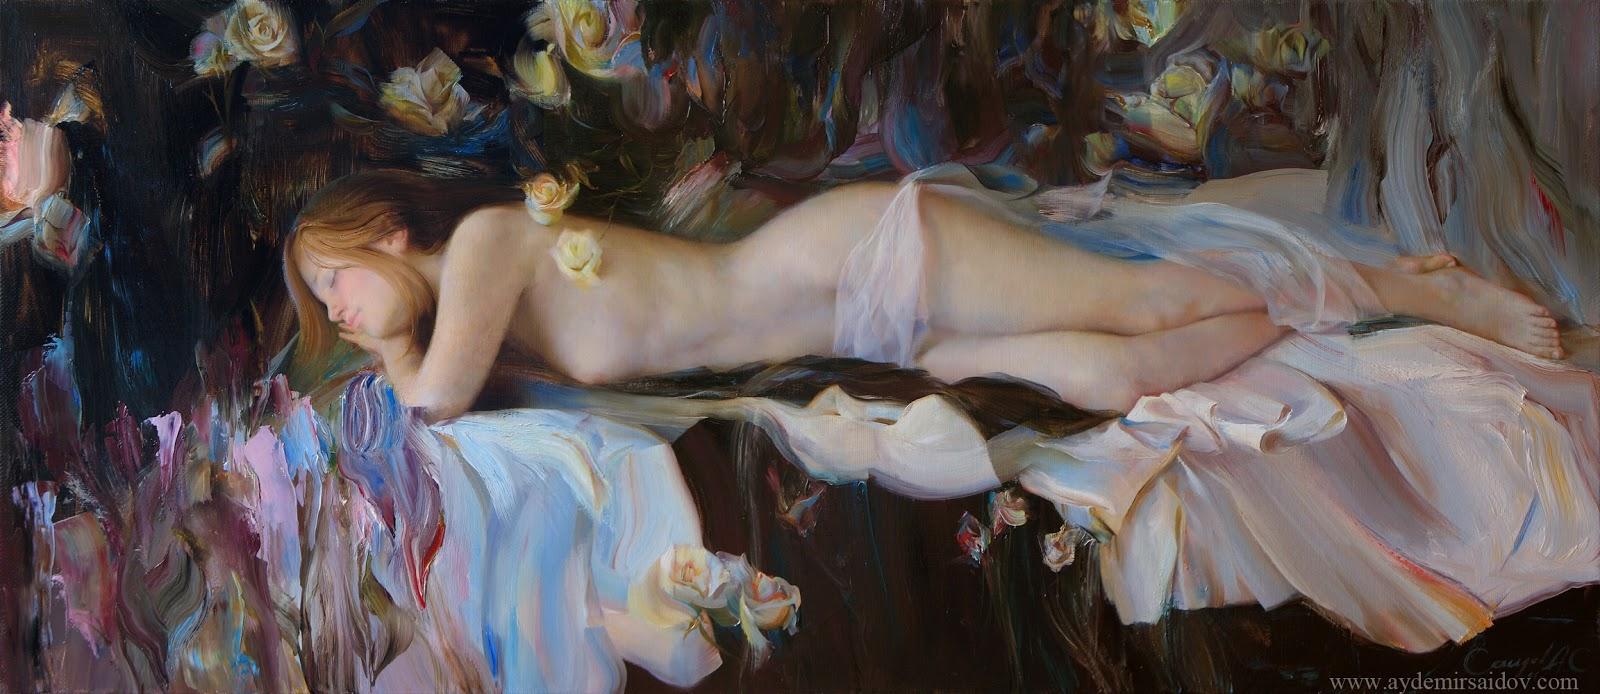 Hyperrealistic Oil Paintings by Aydemir Saidov - Sweet Dream (2011)